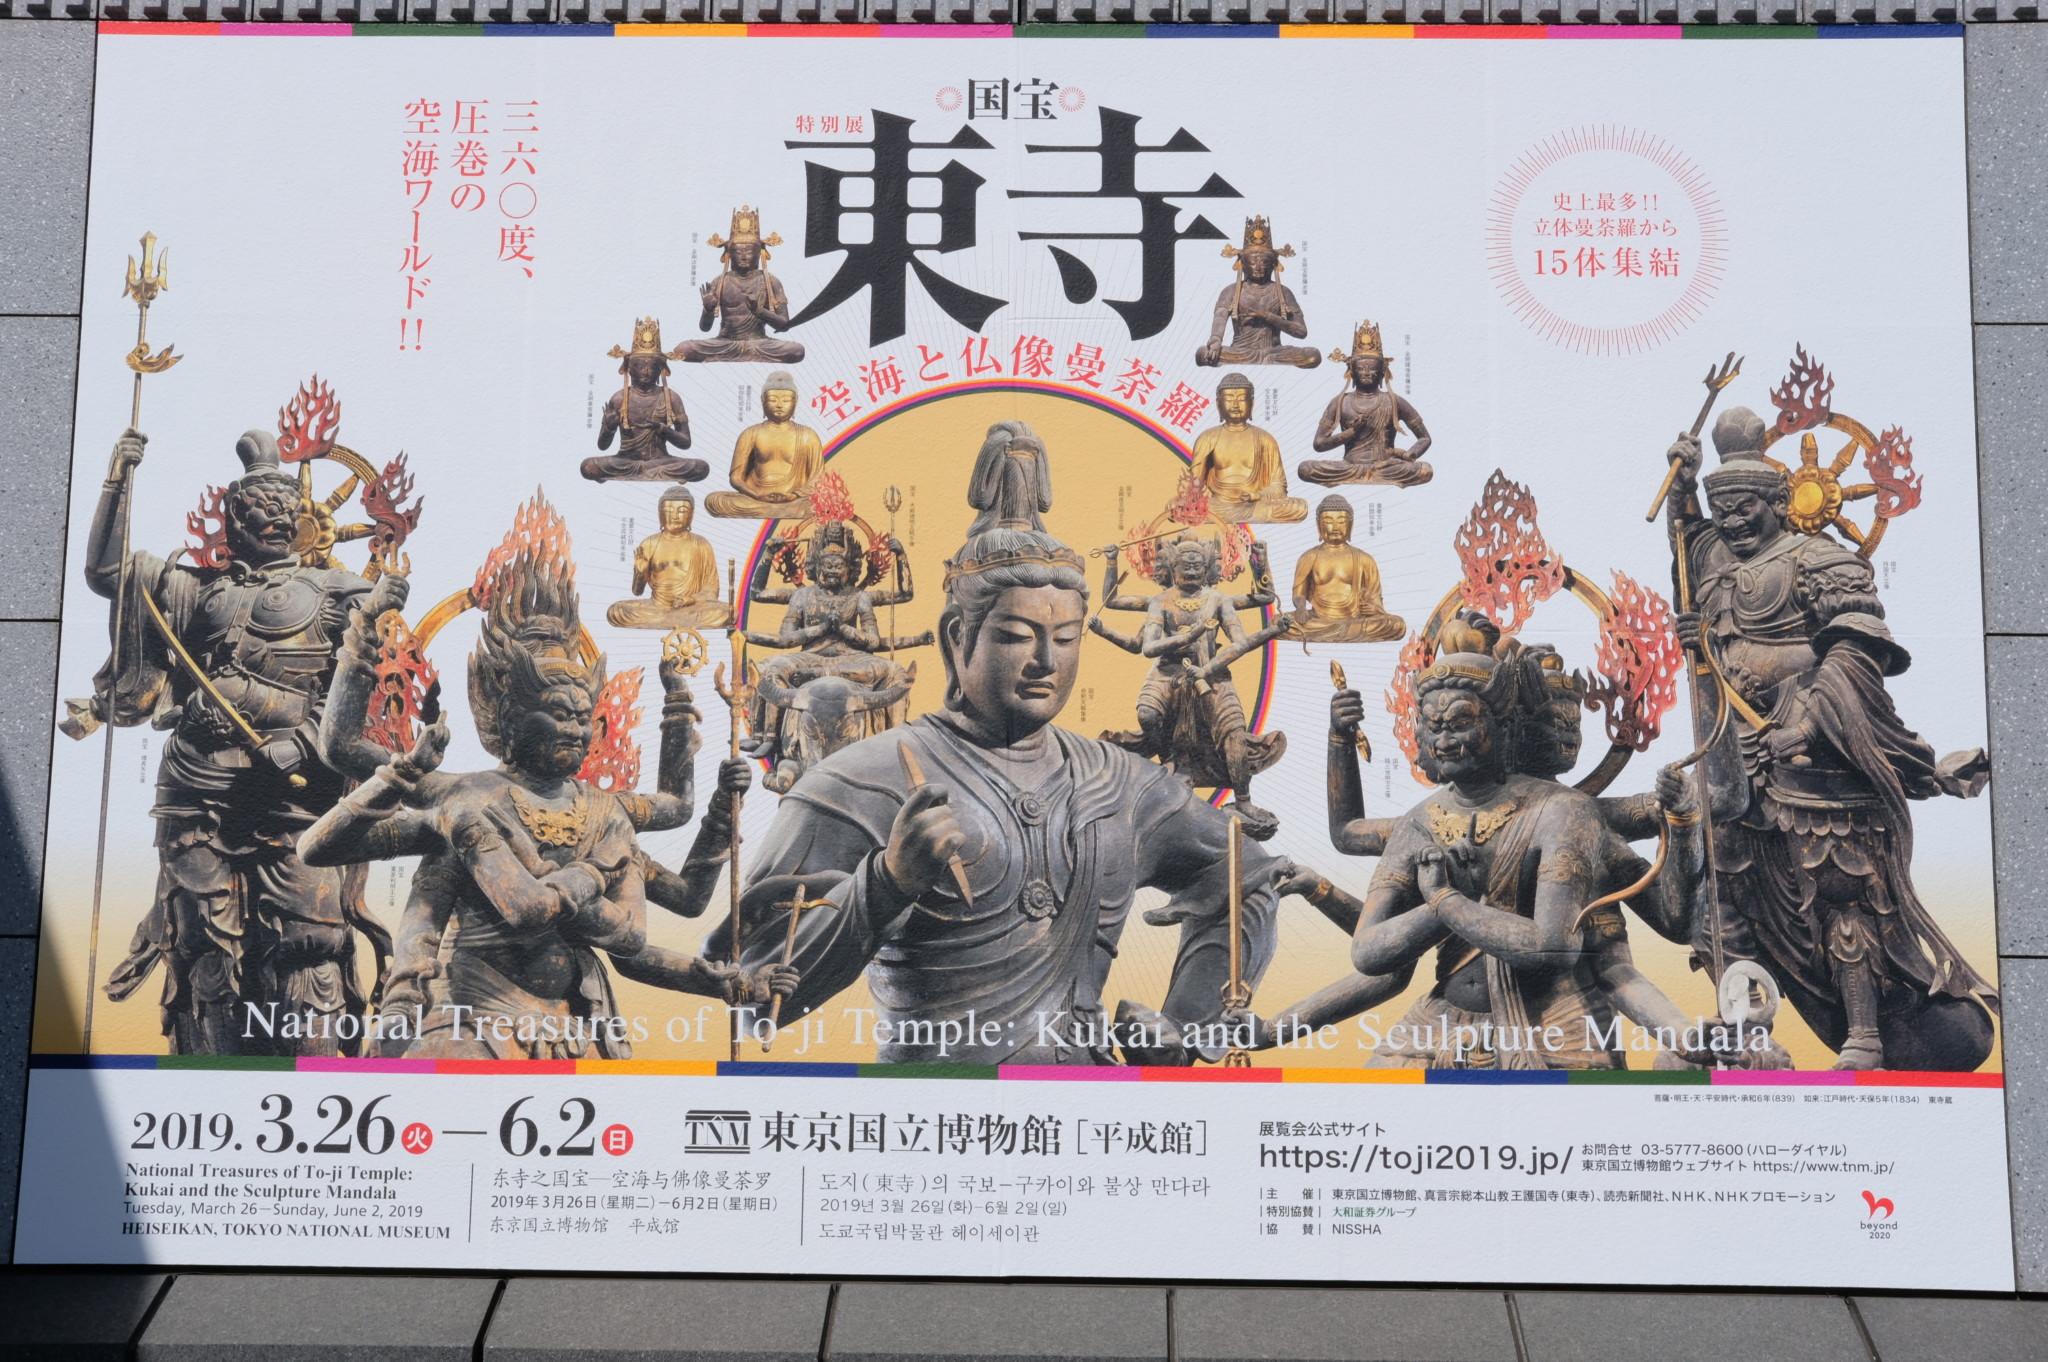 特別展「国宝 東寺―空海と仏像曼荼羅」@東京国立博物館